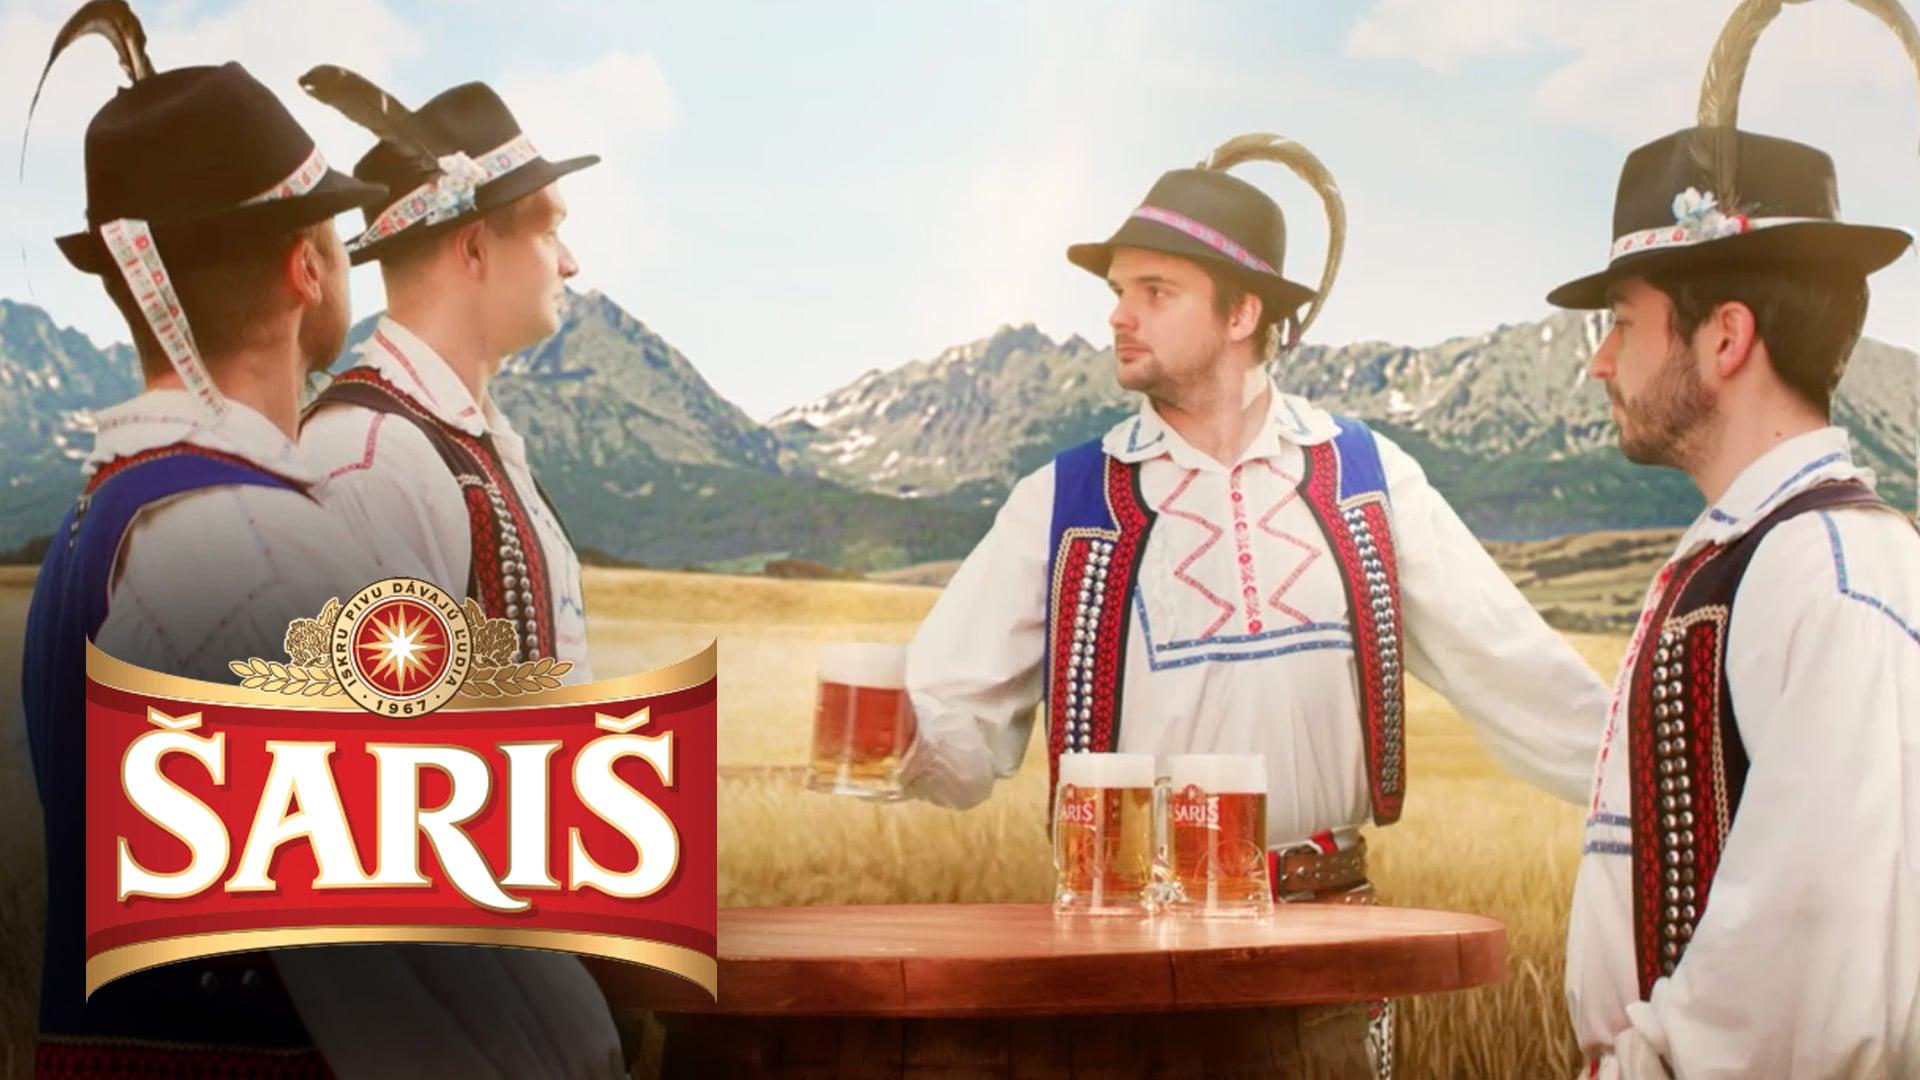 Šariš - Hrdý partner slovenského folklóru